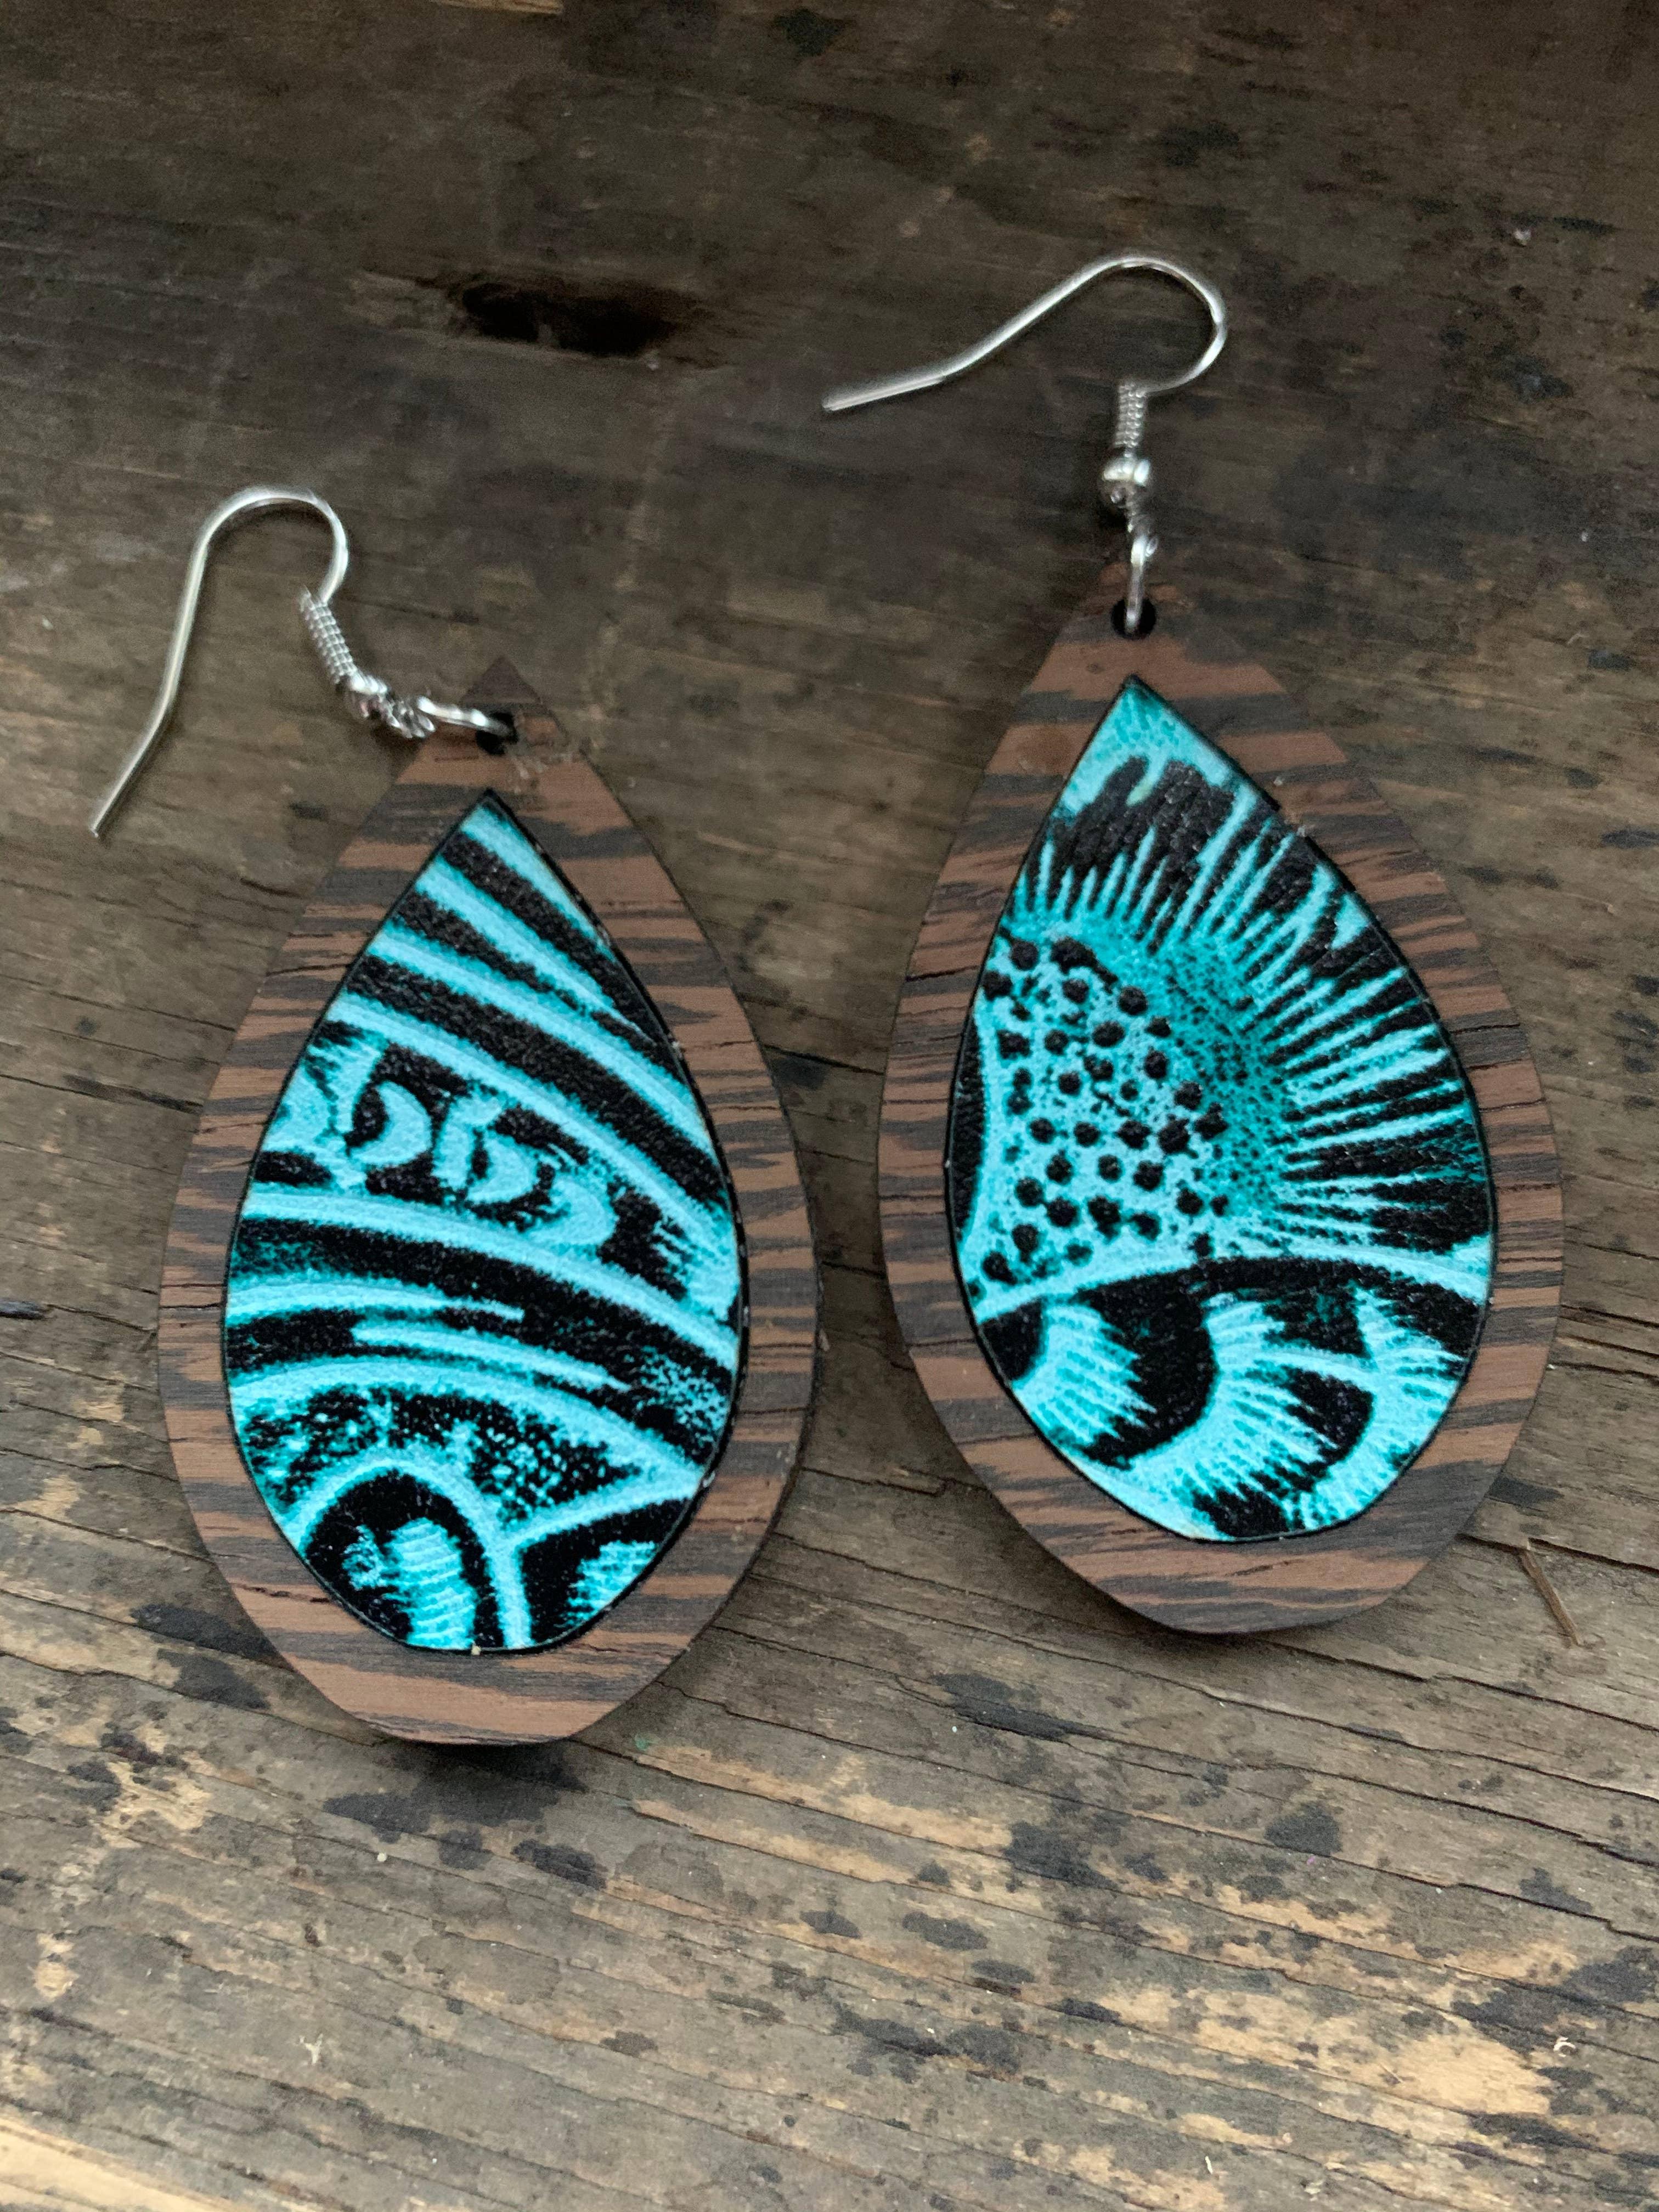 girl gift cork jewelry leather earrings stripe earrings round earrings cork earrings lightweight earring dangles boho earrings